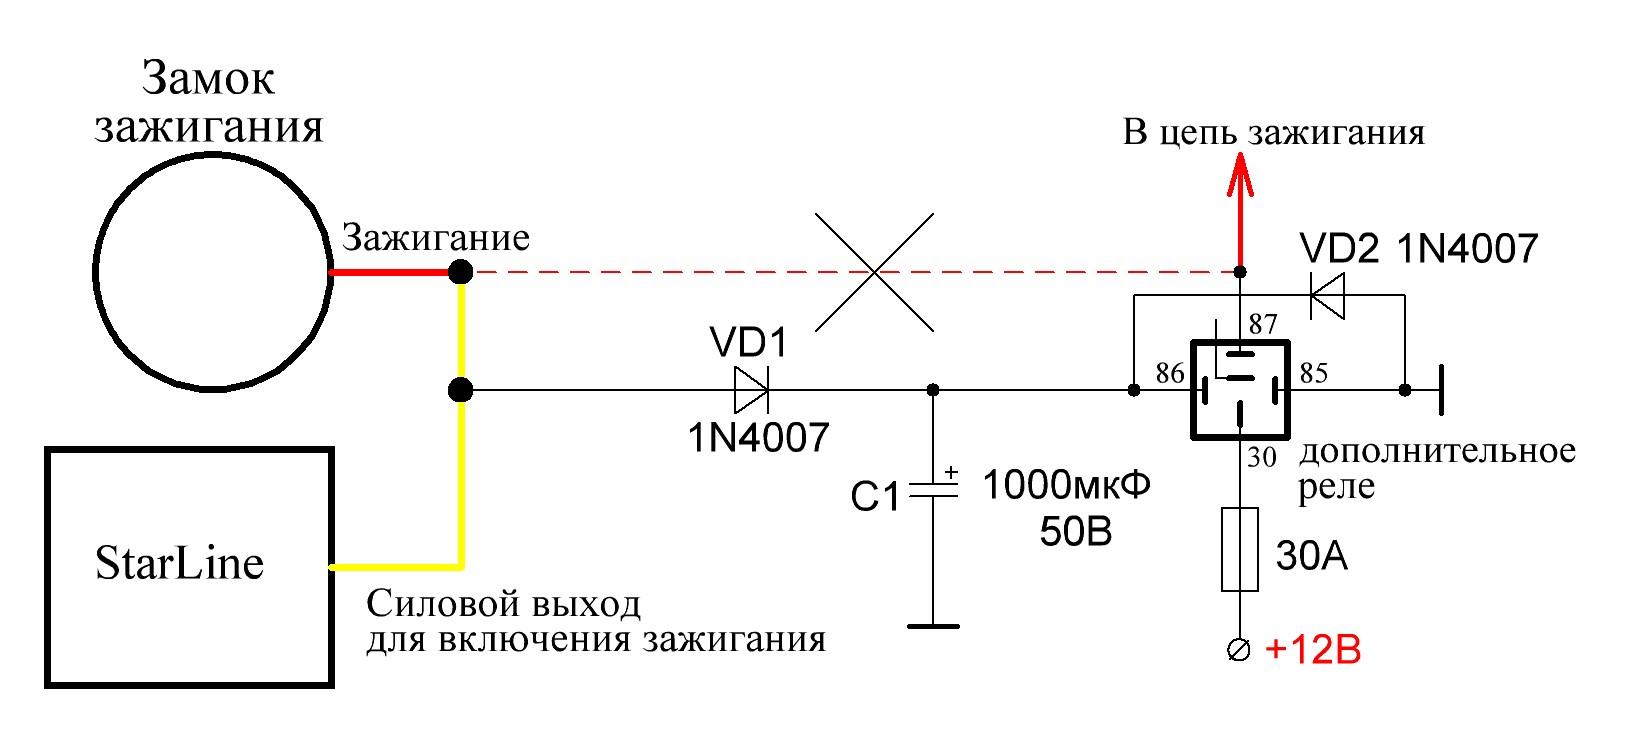 схема обходчика иммобилайзера без реле